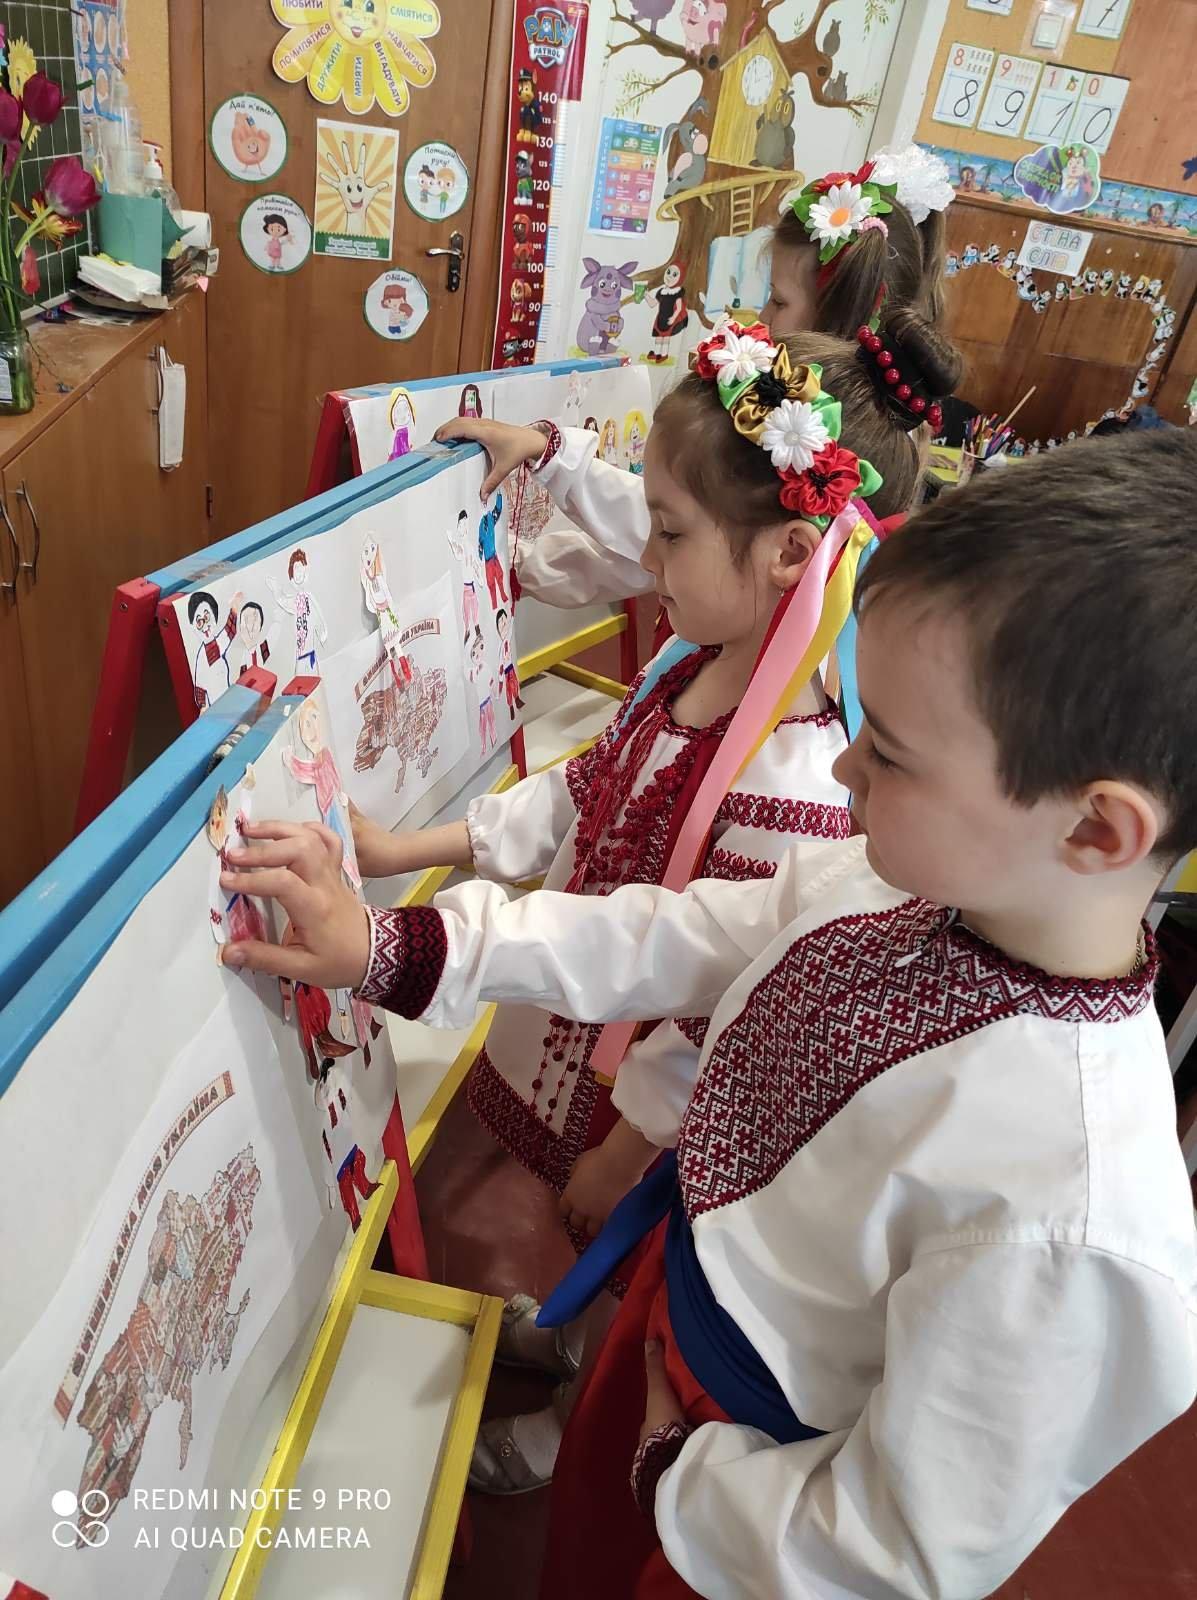 Долучилися цілими колективами: як лозівчани відзначають День вишиванки, фото-44